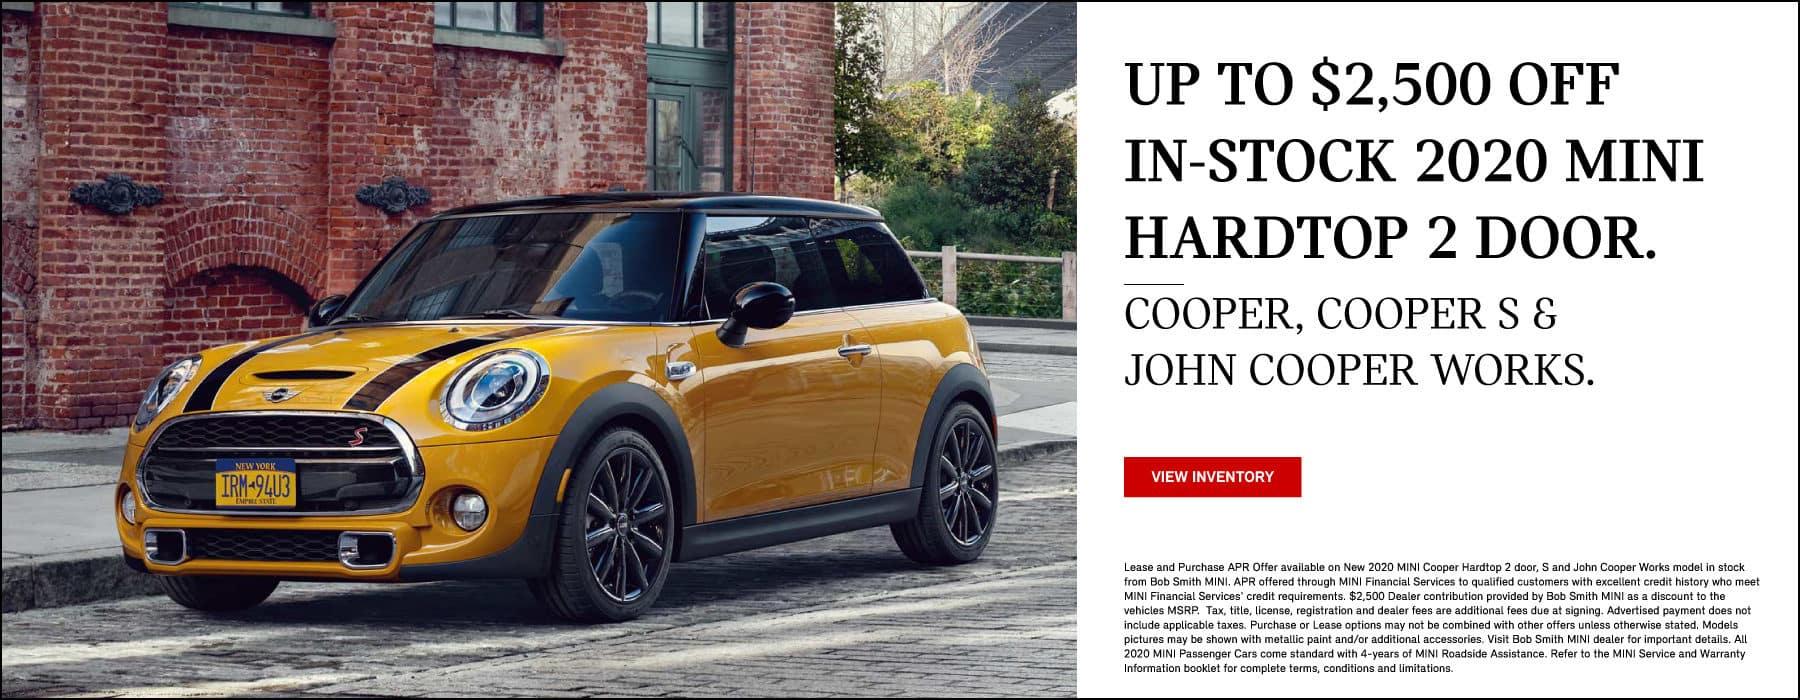 Up to $2,500 off in-stock 2020 MINI hardtop 2 Door. Cooper, Cooper S and John Cooper Works. View Inventory. Yellow MINI Cooper S Hardtop 2 Door parked on city street.